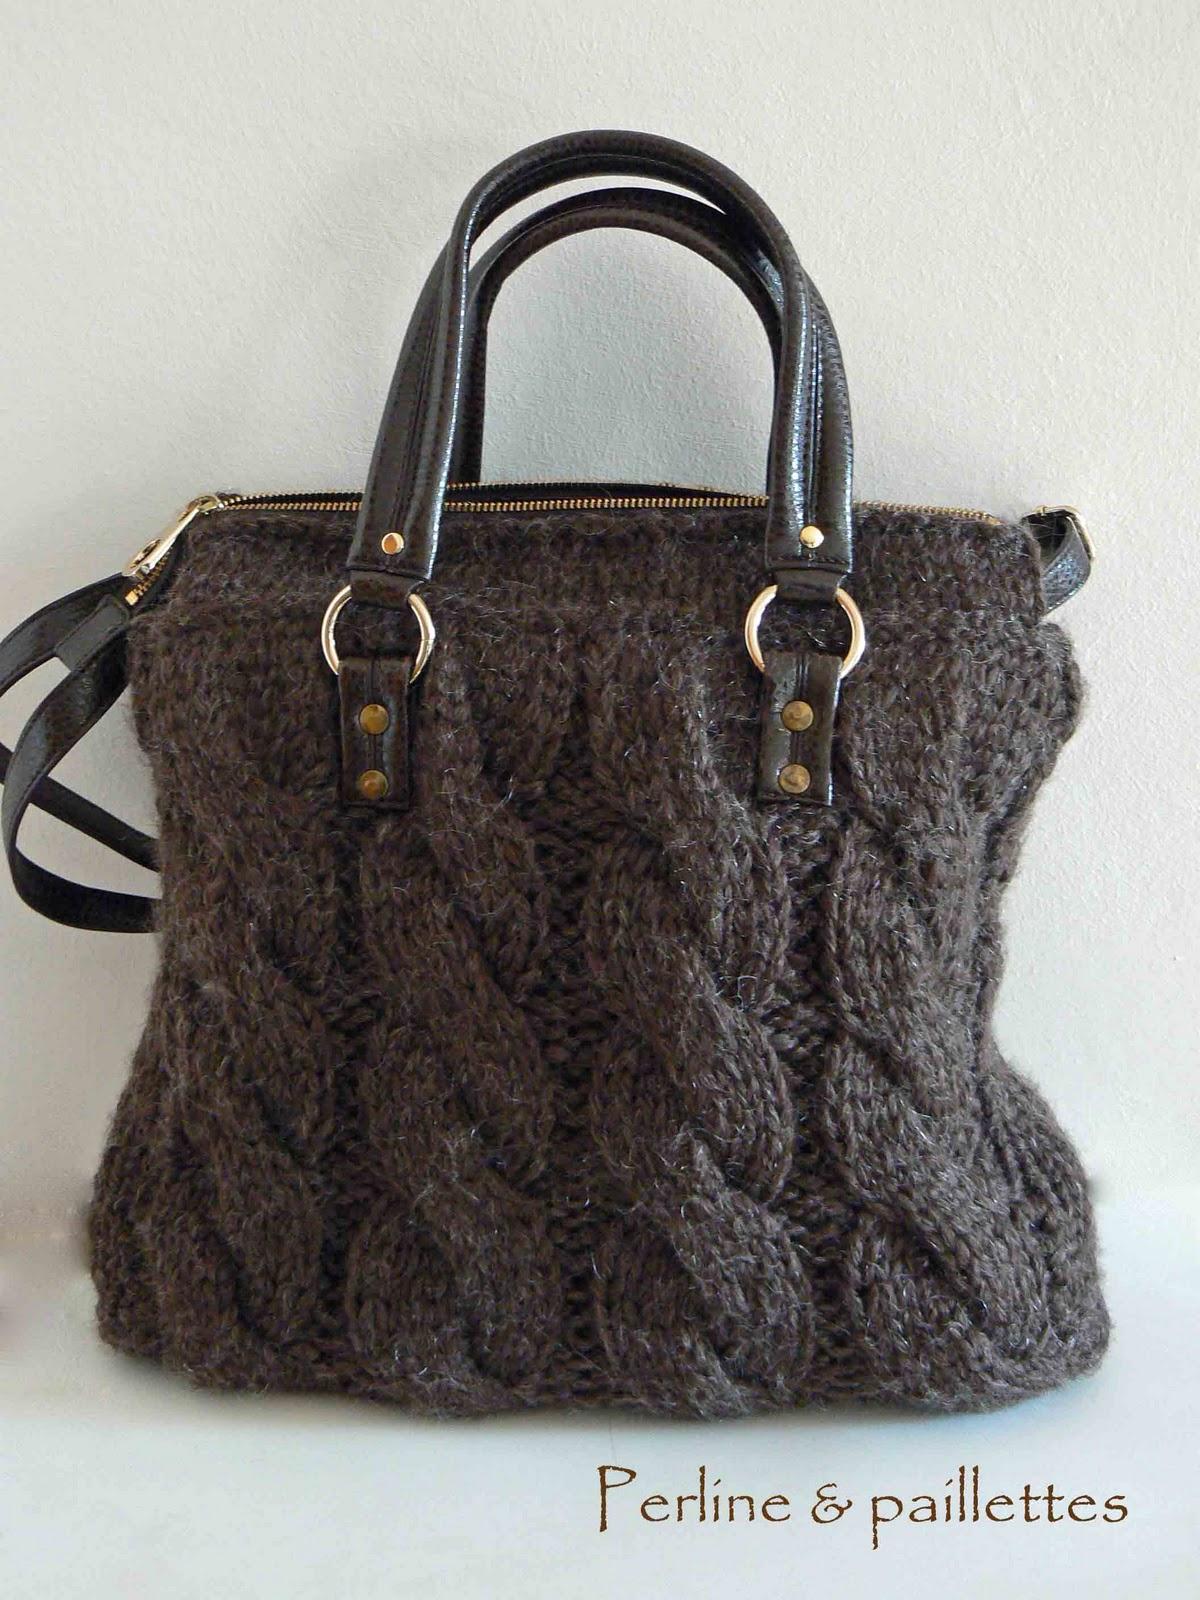 Borse Fatte A Mano Ai Ferri : Perline paillettes borsa in tricot